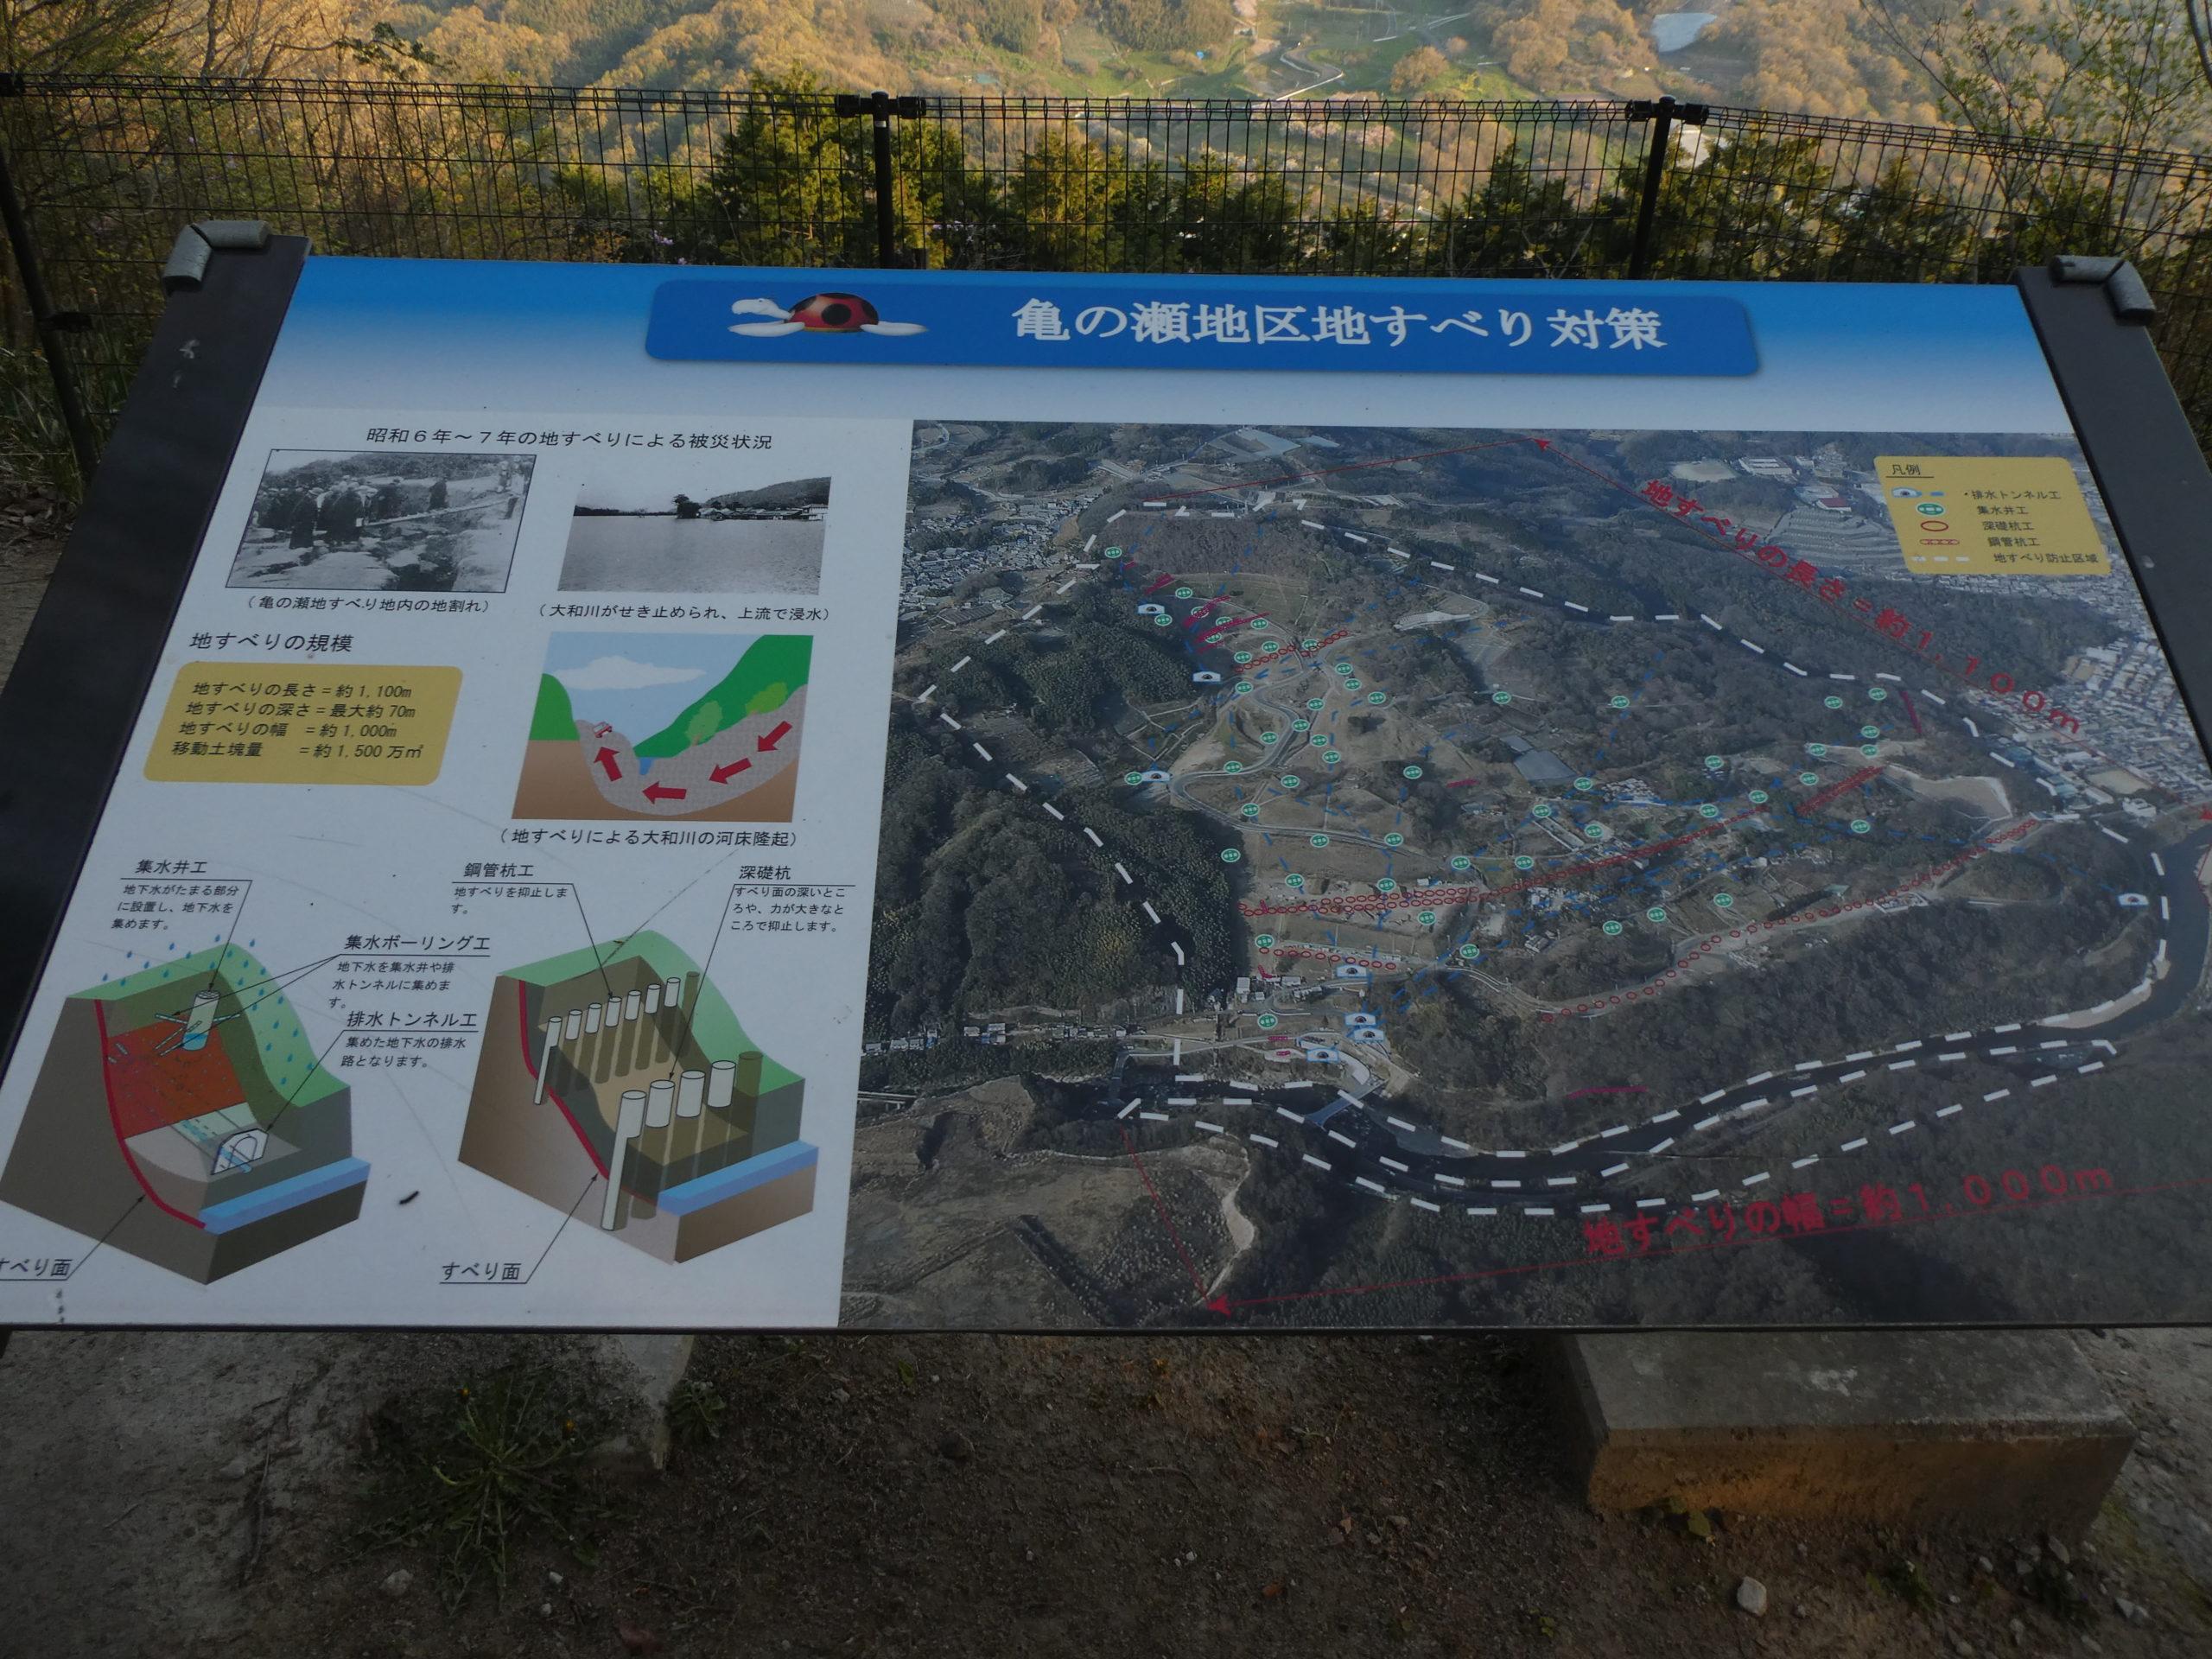 明神山 ハイキングコース 亀の瀬 案内板